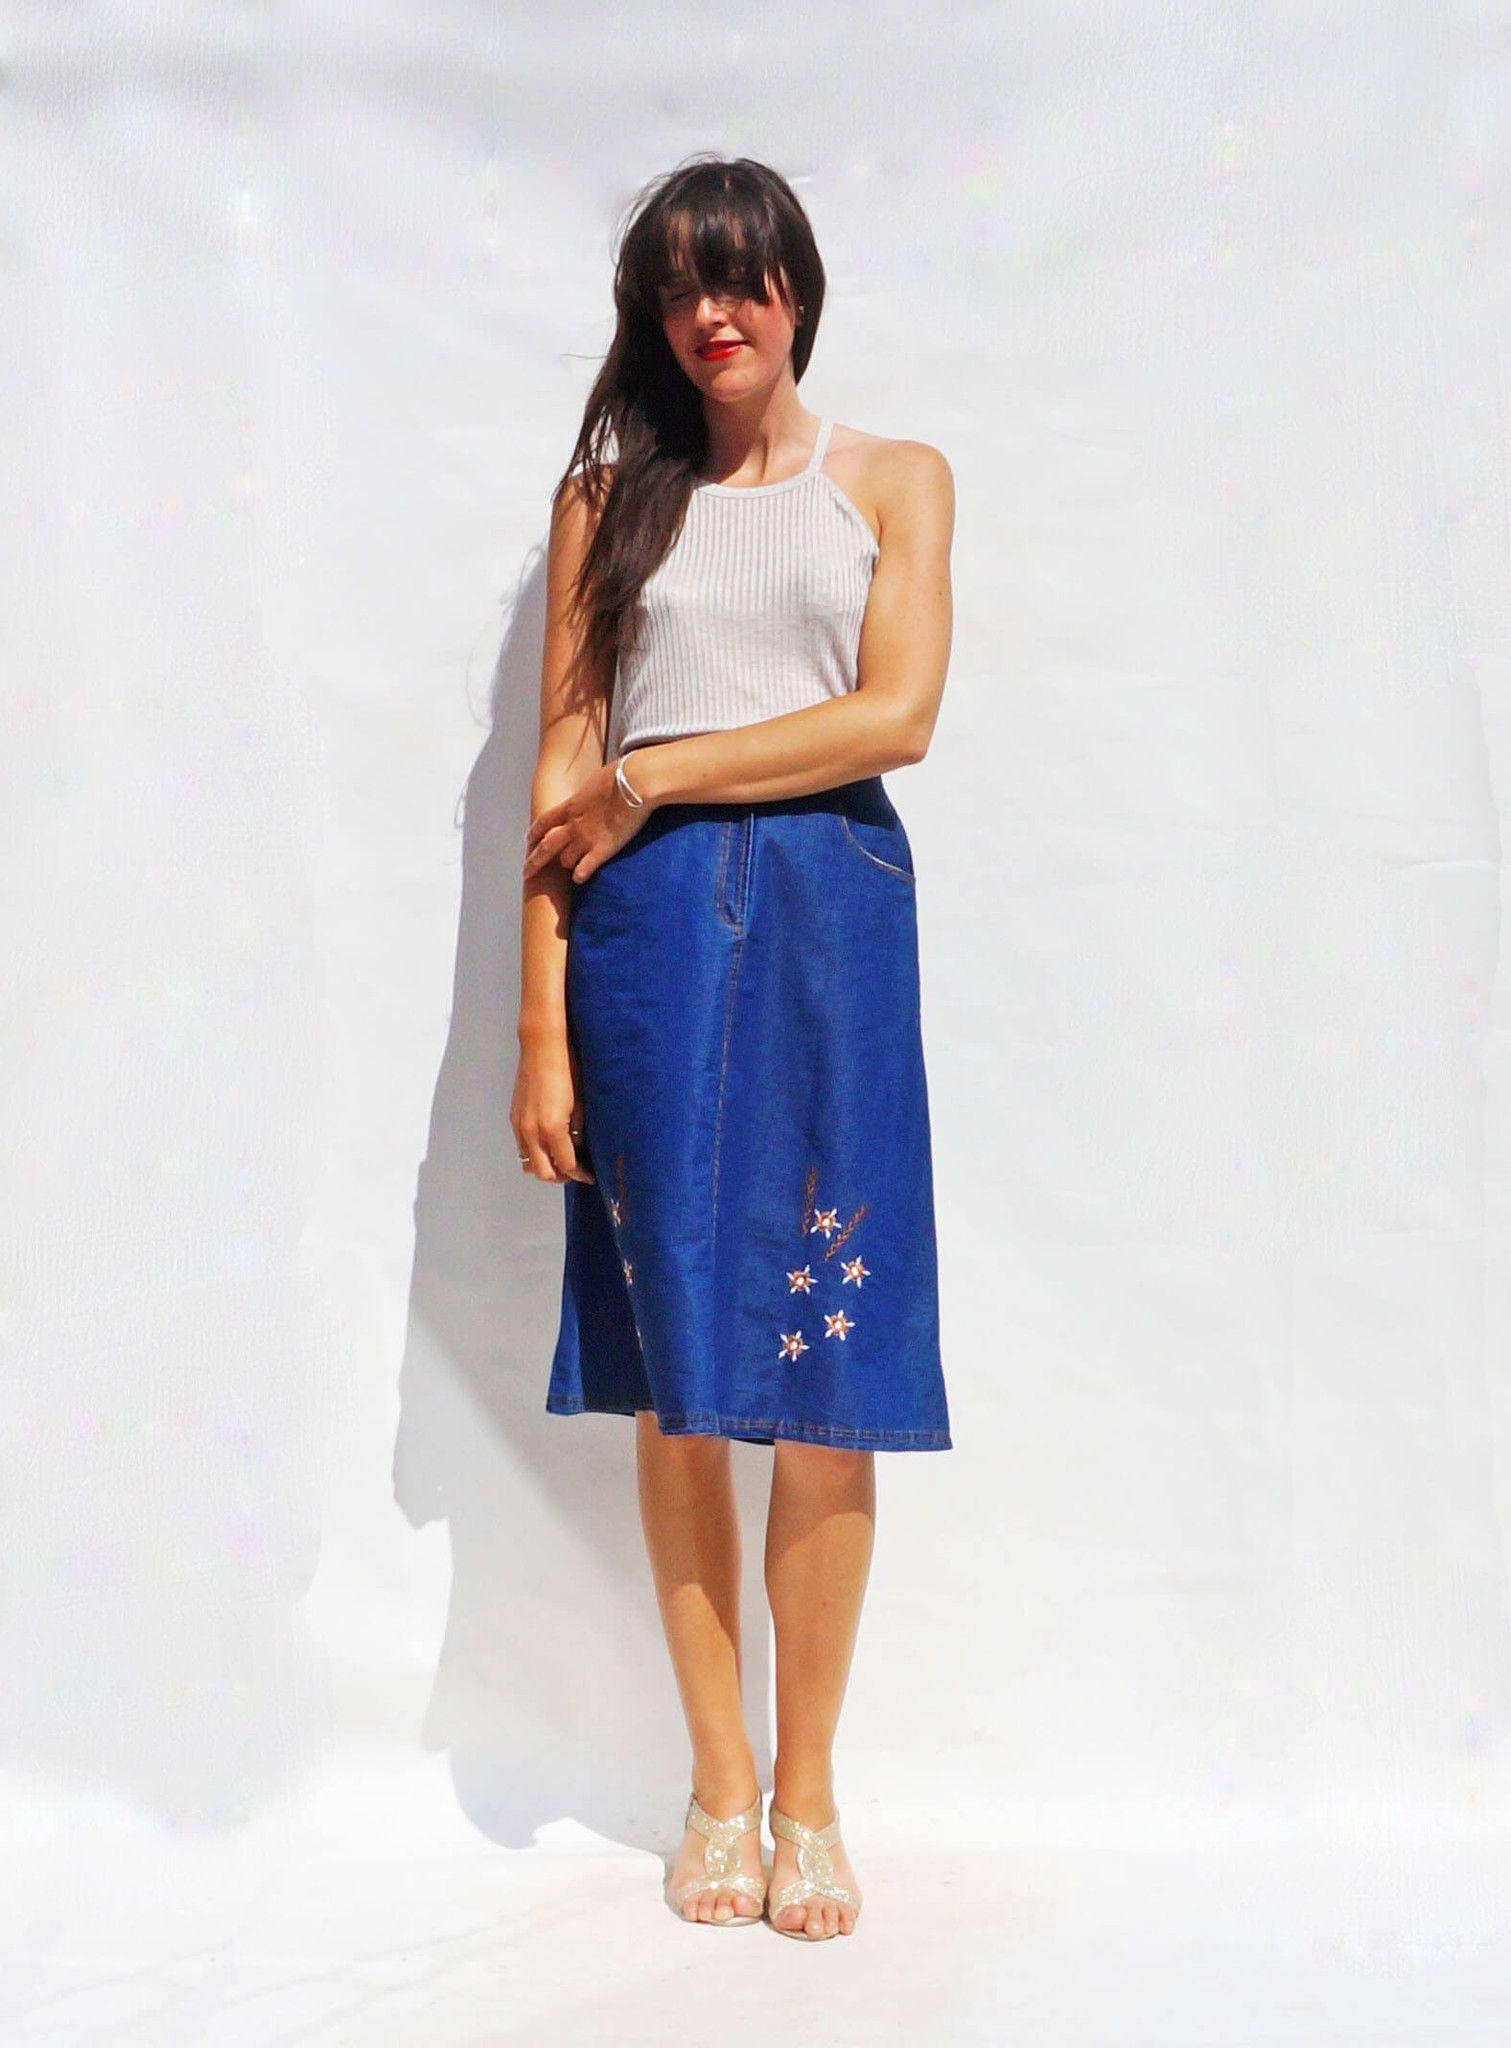 db0512d429204 Boho Denim Skirt